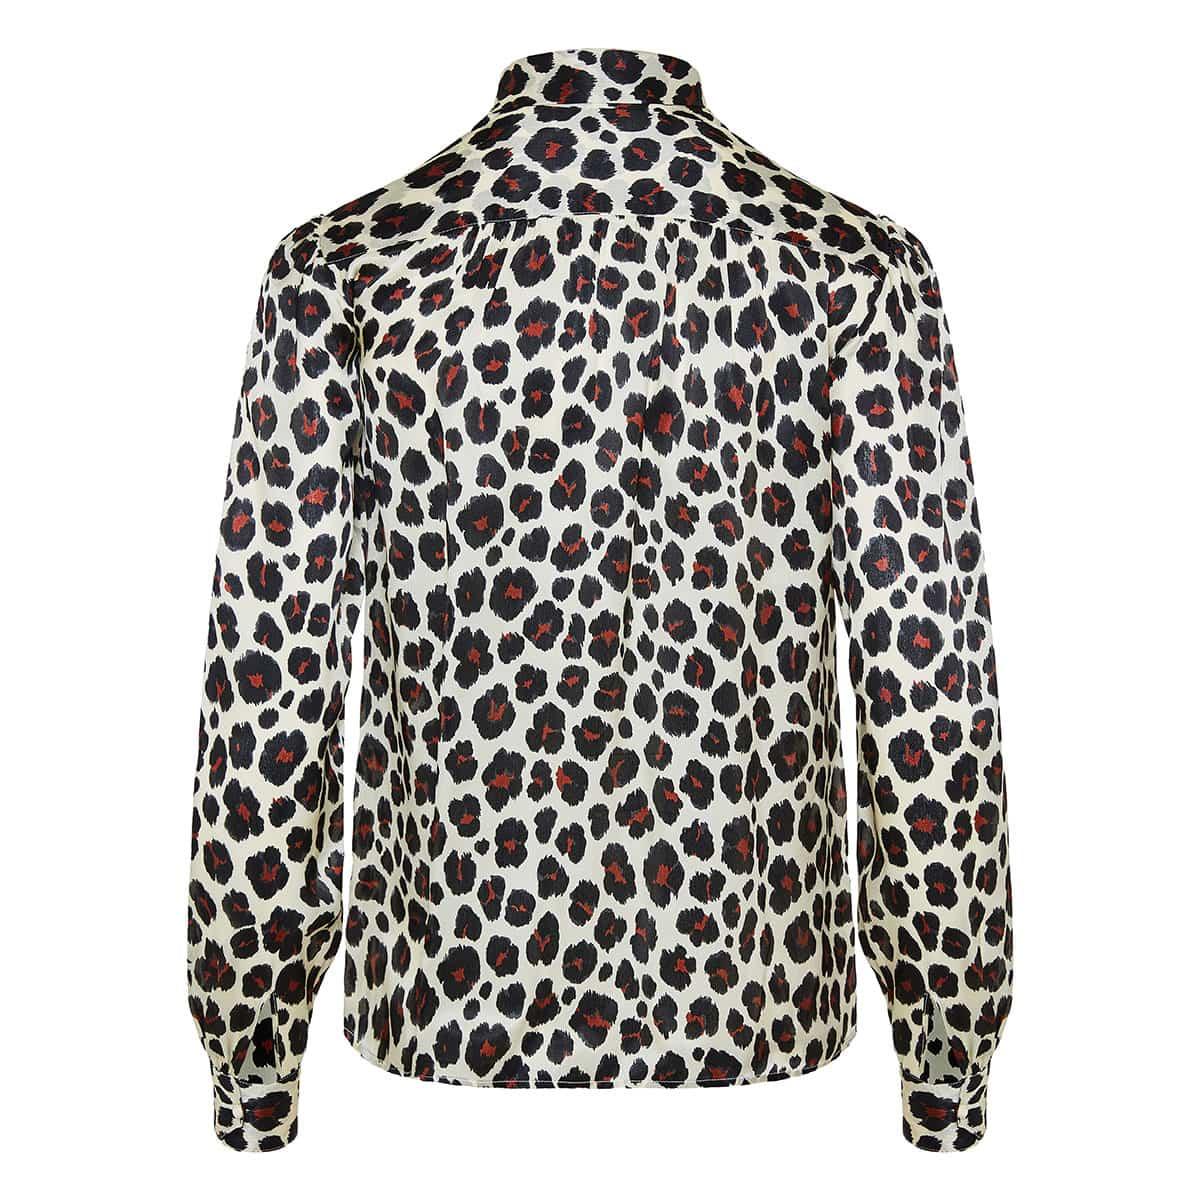 Bow-tie leopard blouse